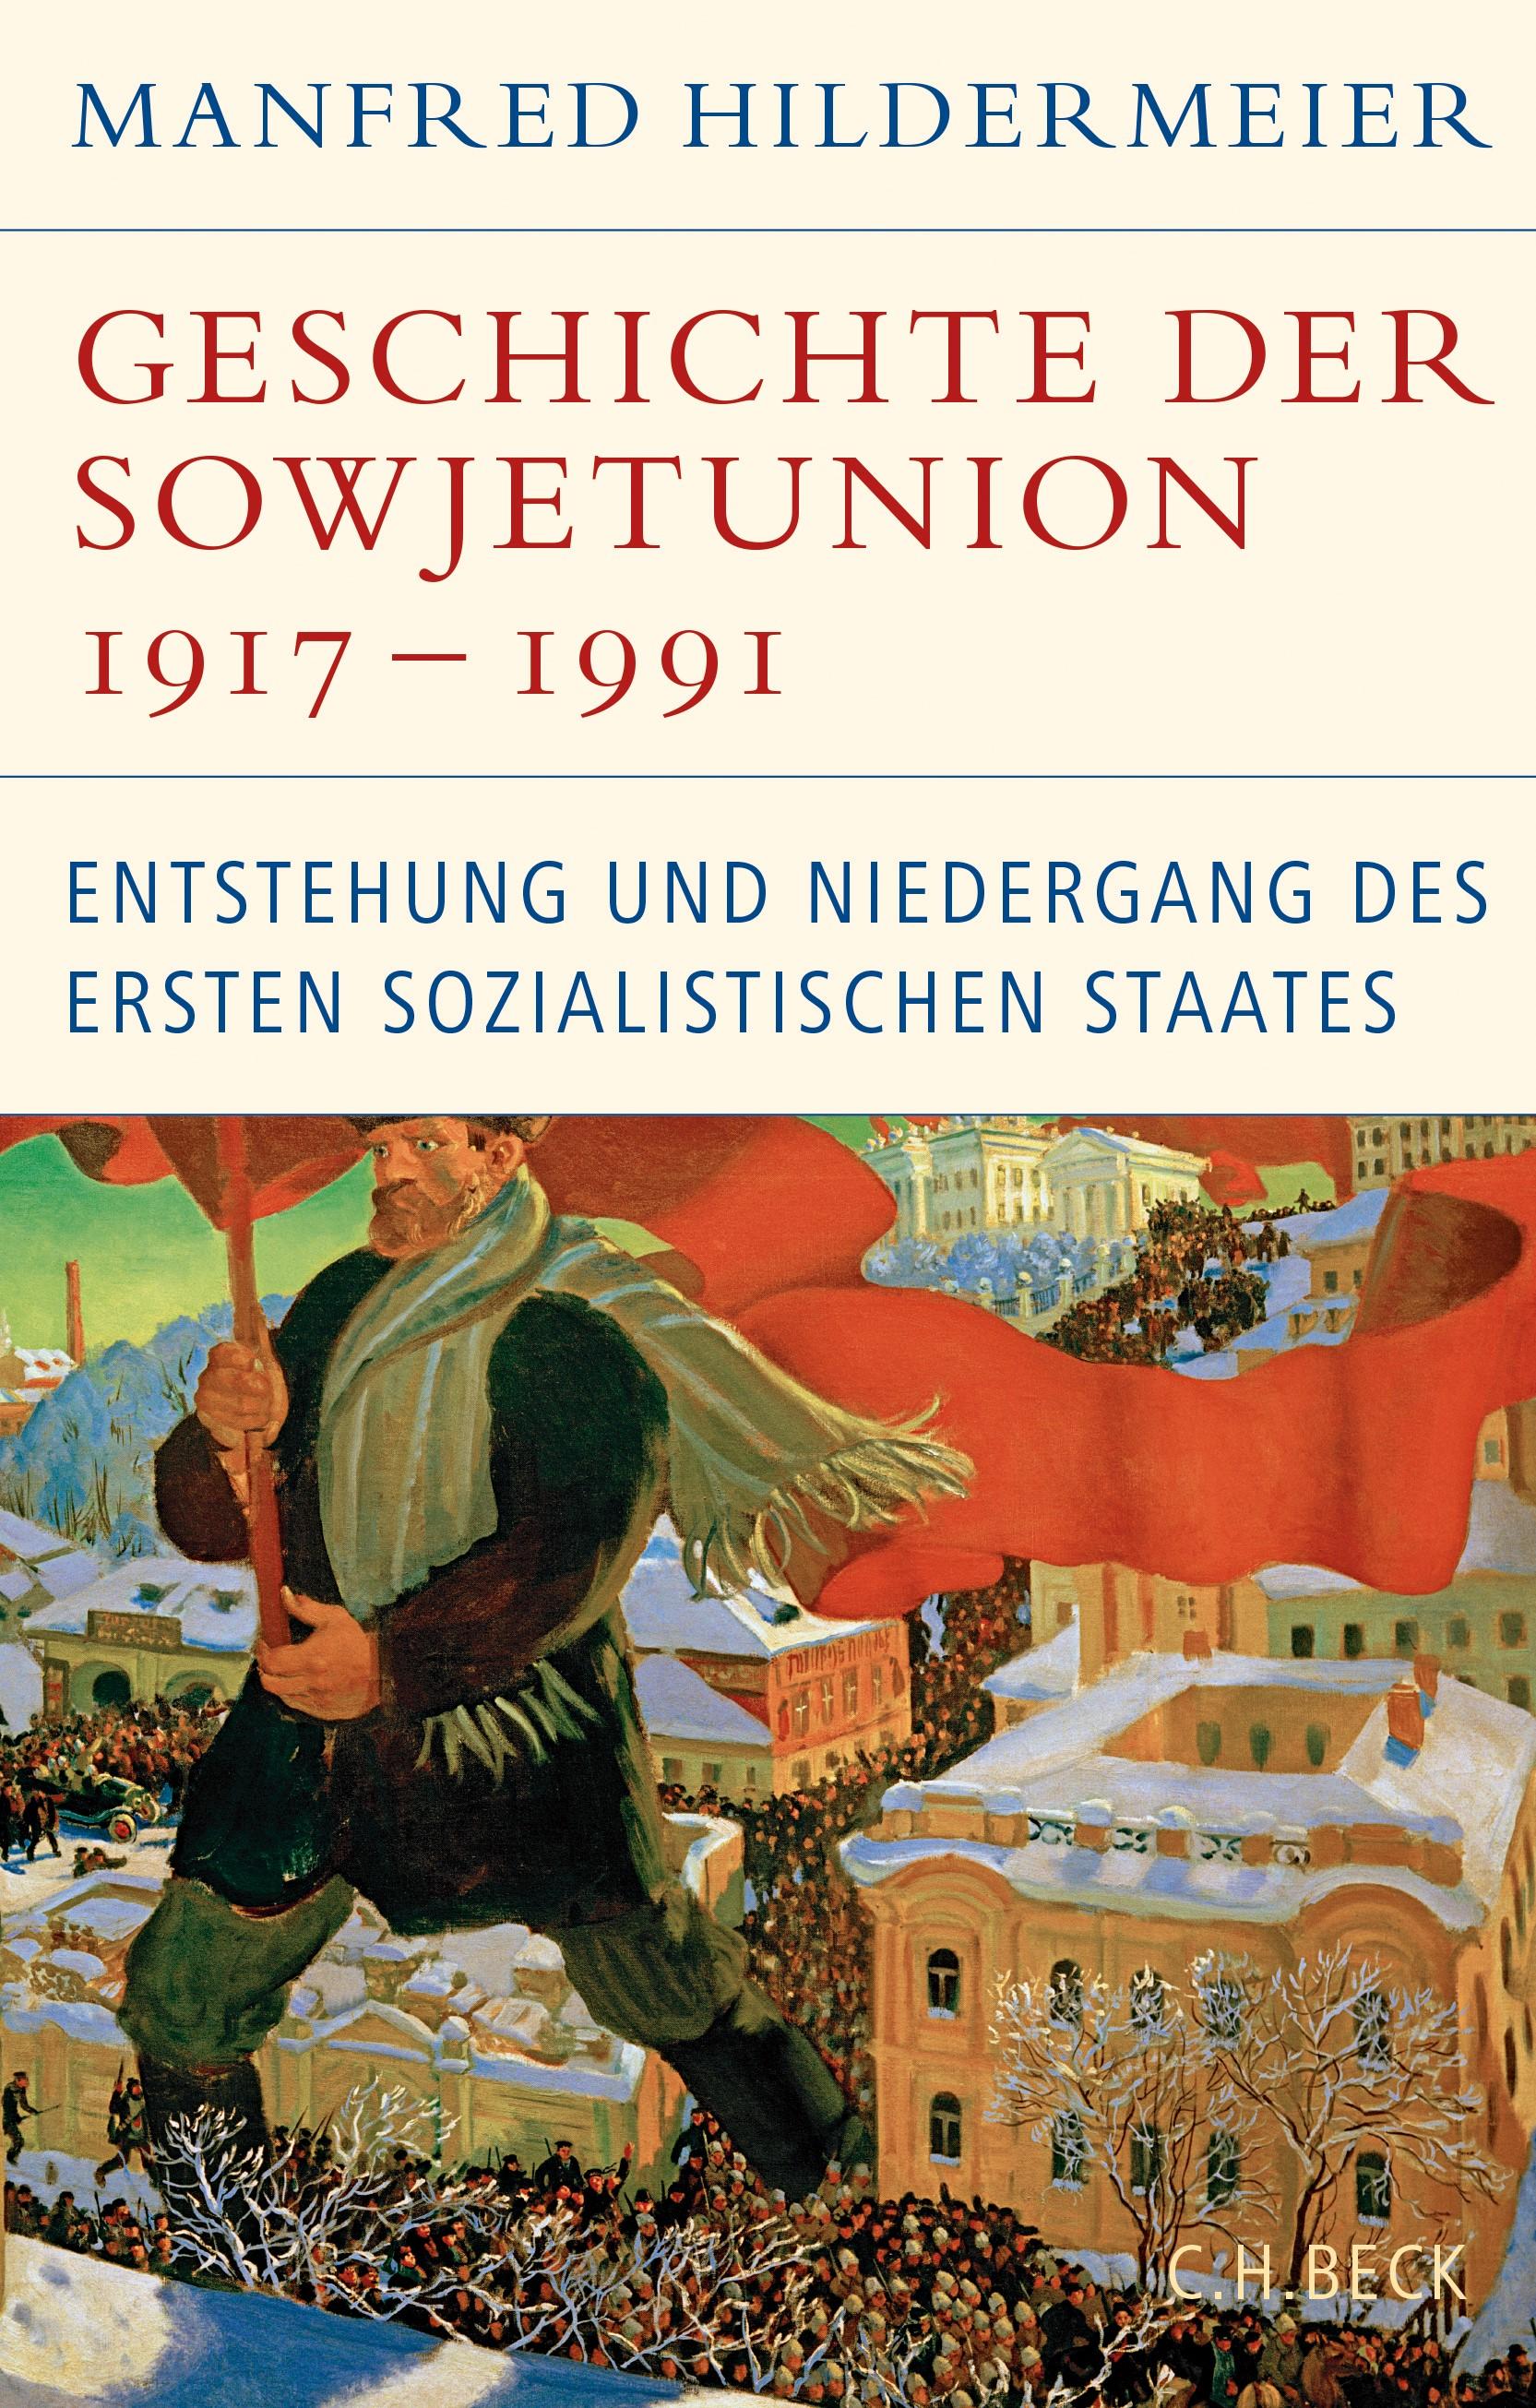 Geschichte der Sowjetunion 1917-1991 | Hildermeier, Manfred | 2., überarbeitete und erweiterte Auflage, 2017 | Buch (Cover)